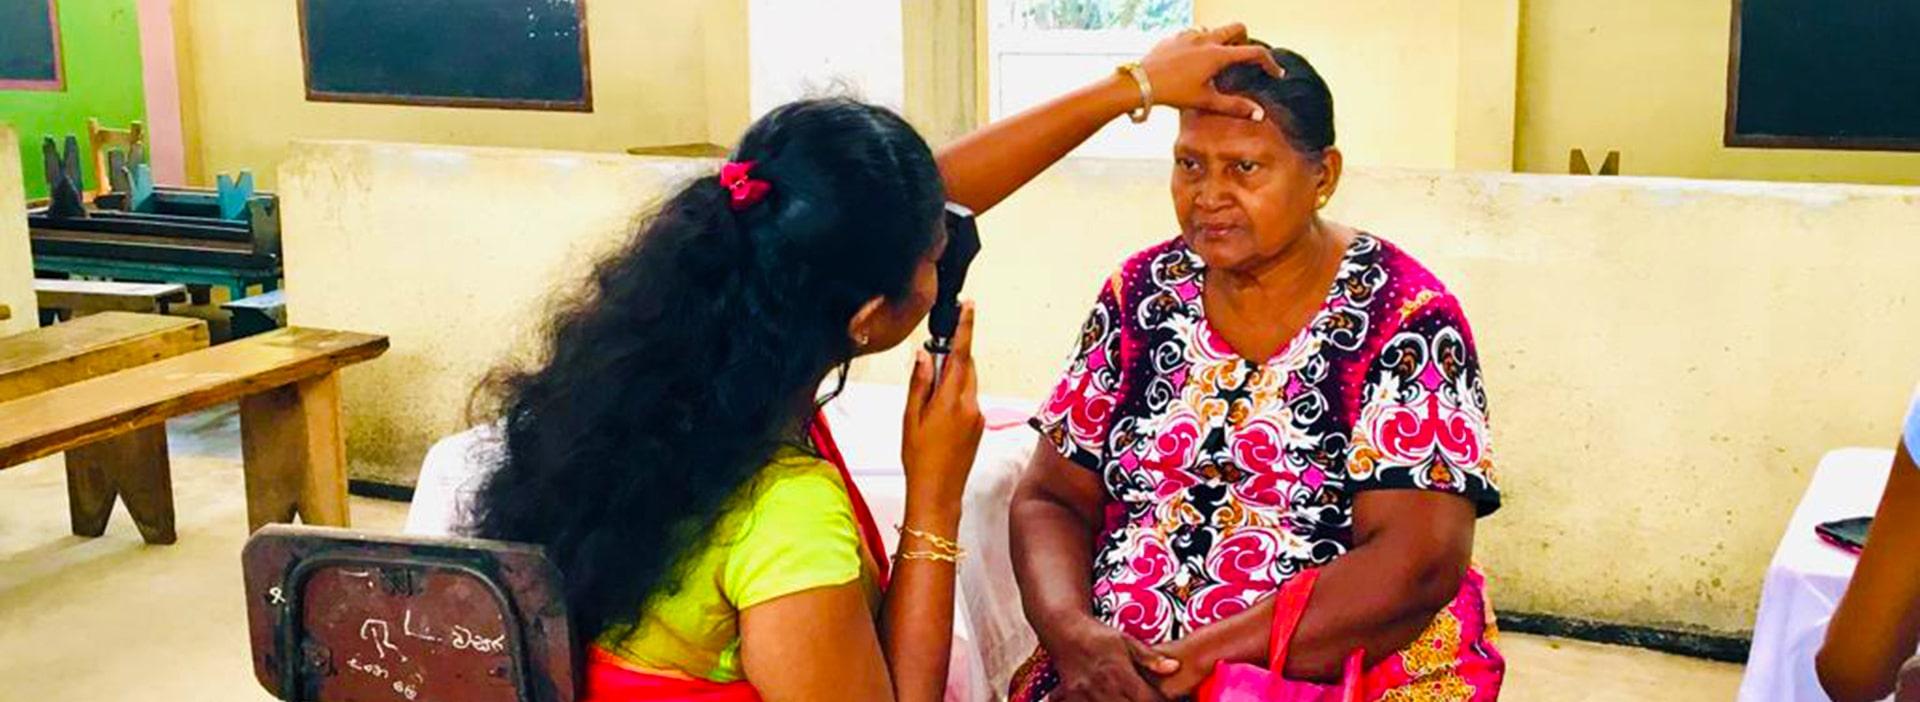 Eye care service in rural Sri Lanka